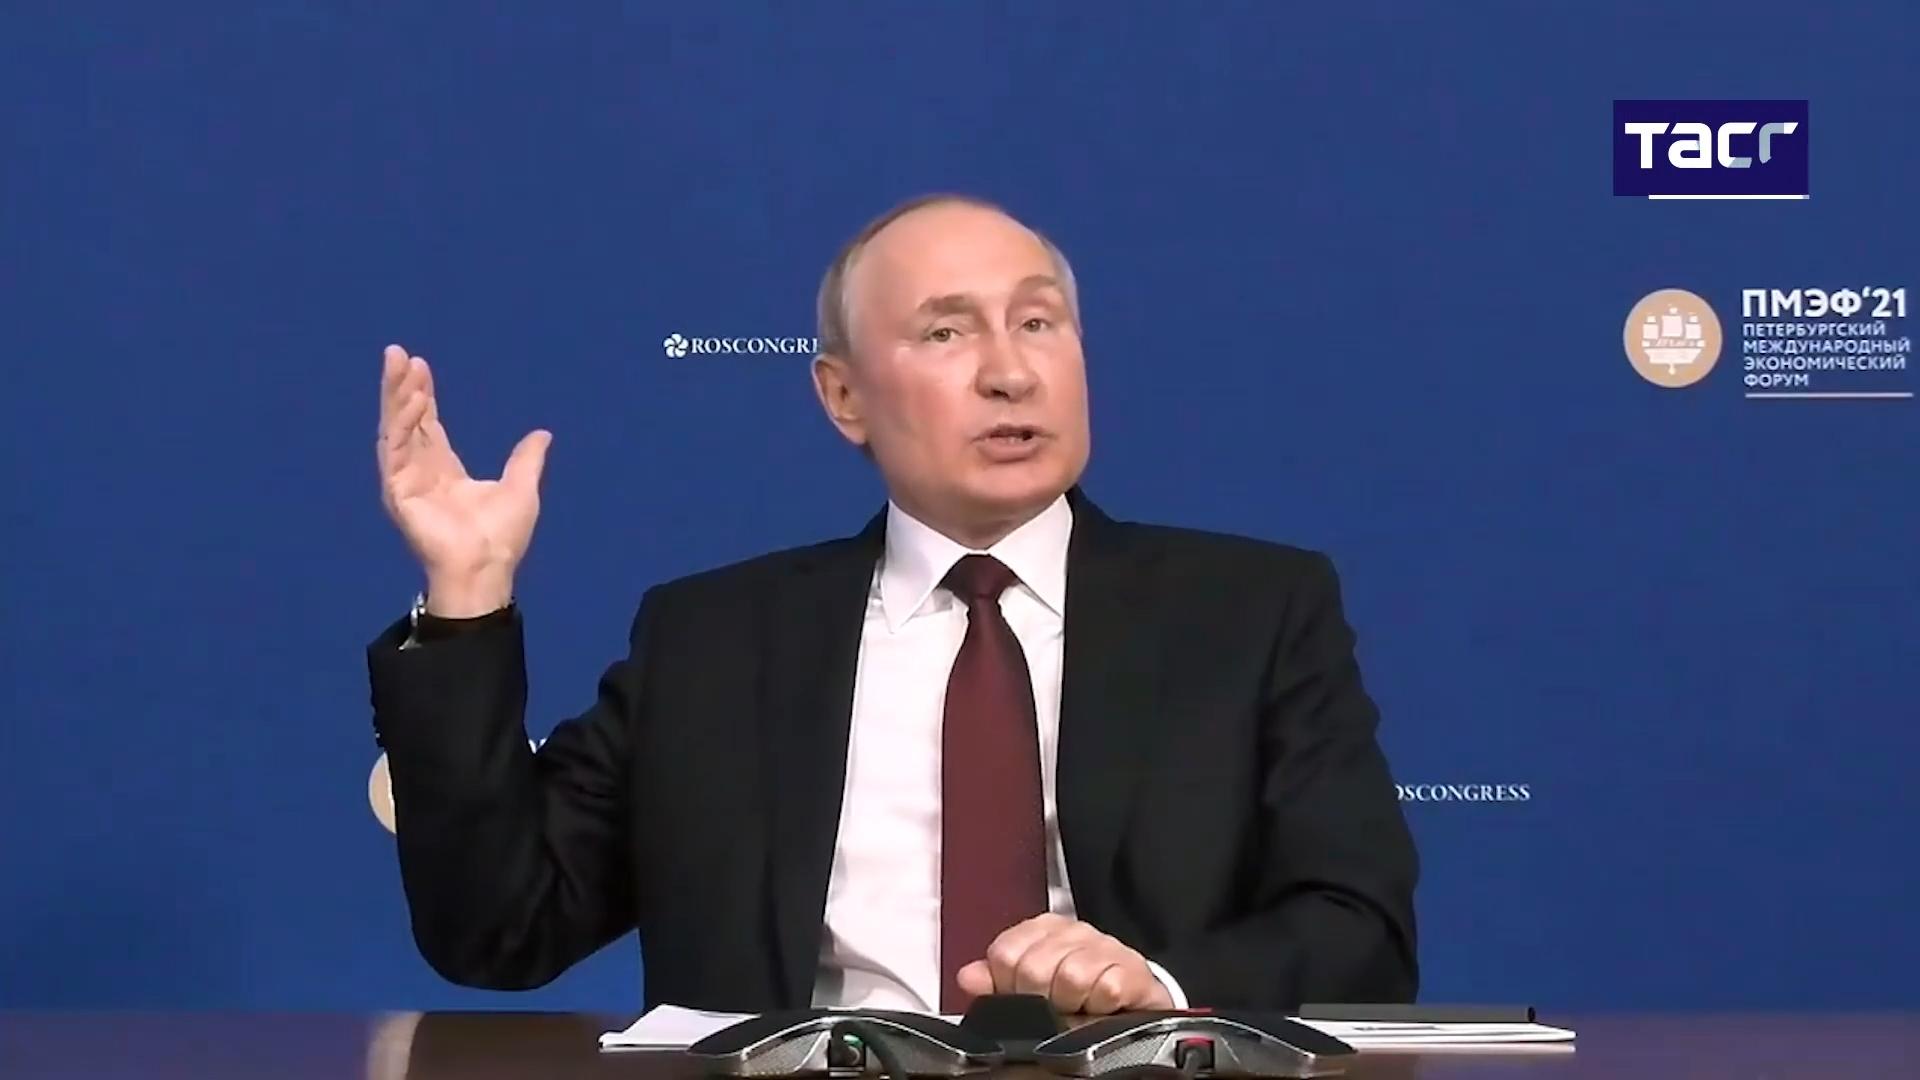 20210605_00-51-Путин заявил, что Соединенные Штаты твердым шагом идут по пути Советского Союза - Политика - ТАСС-pic3